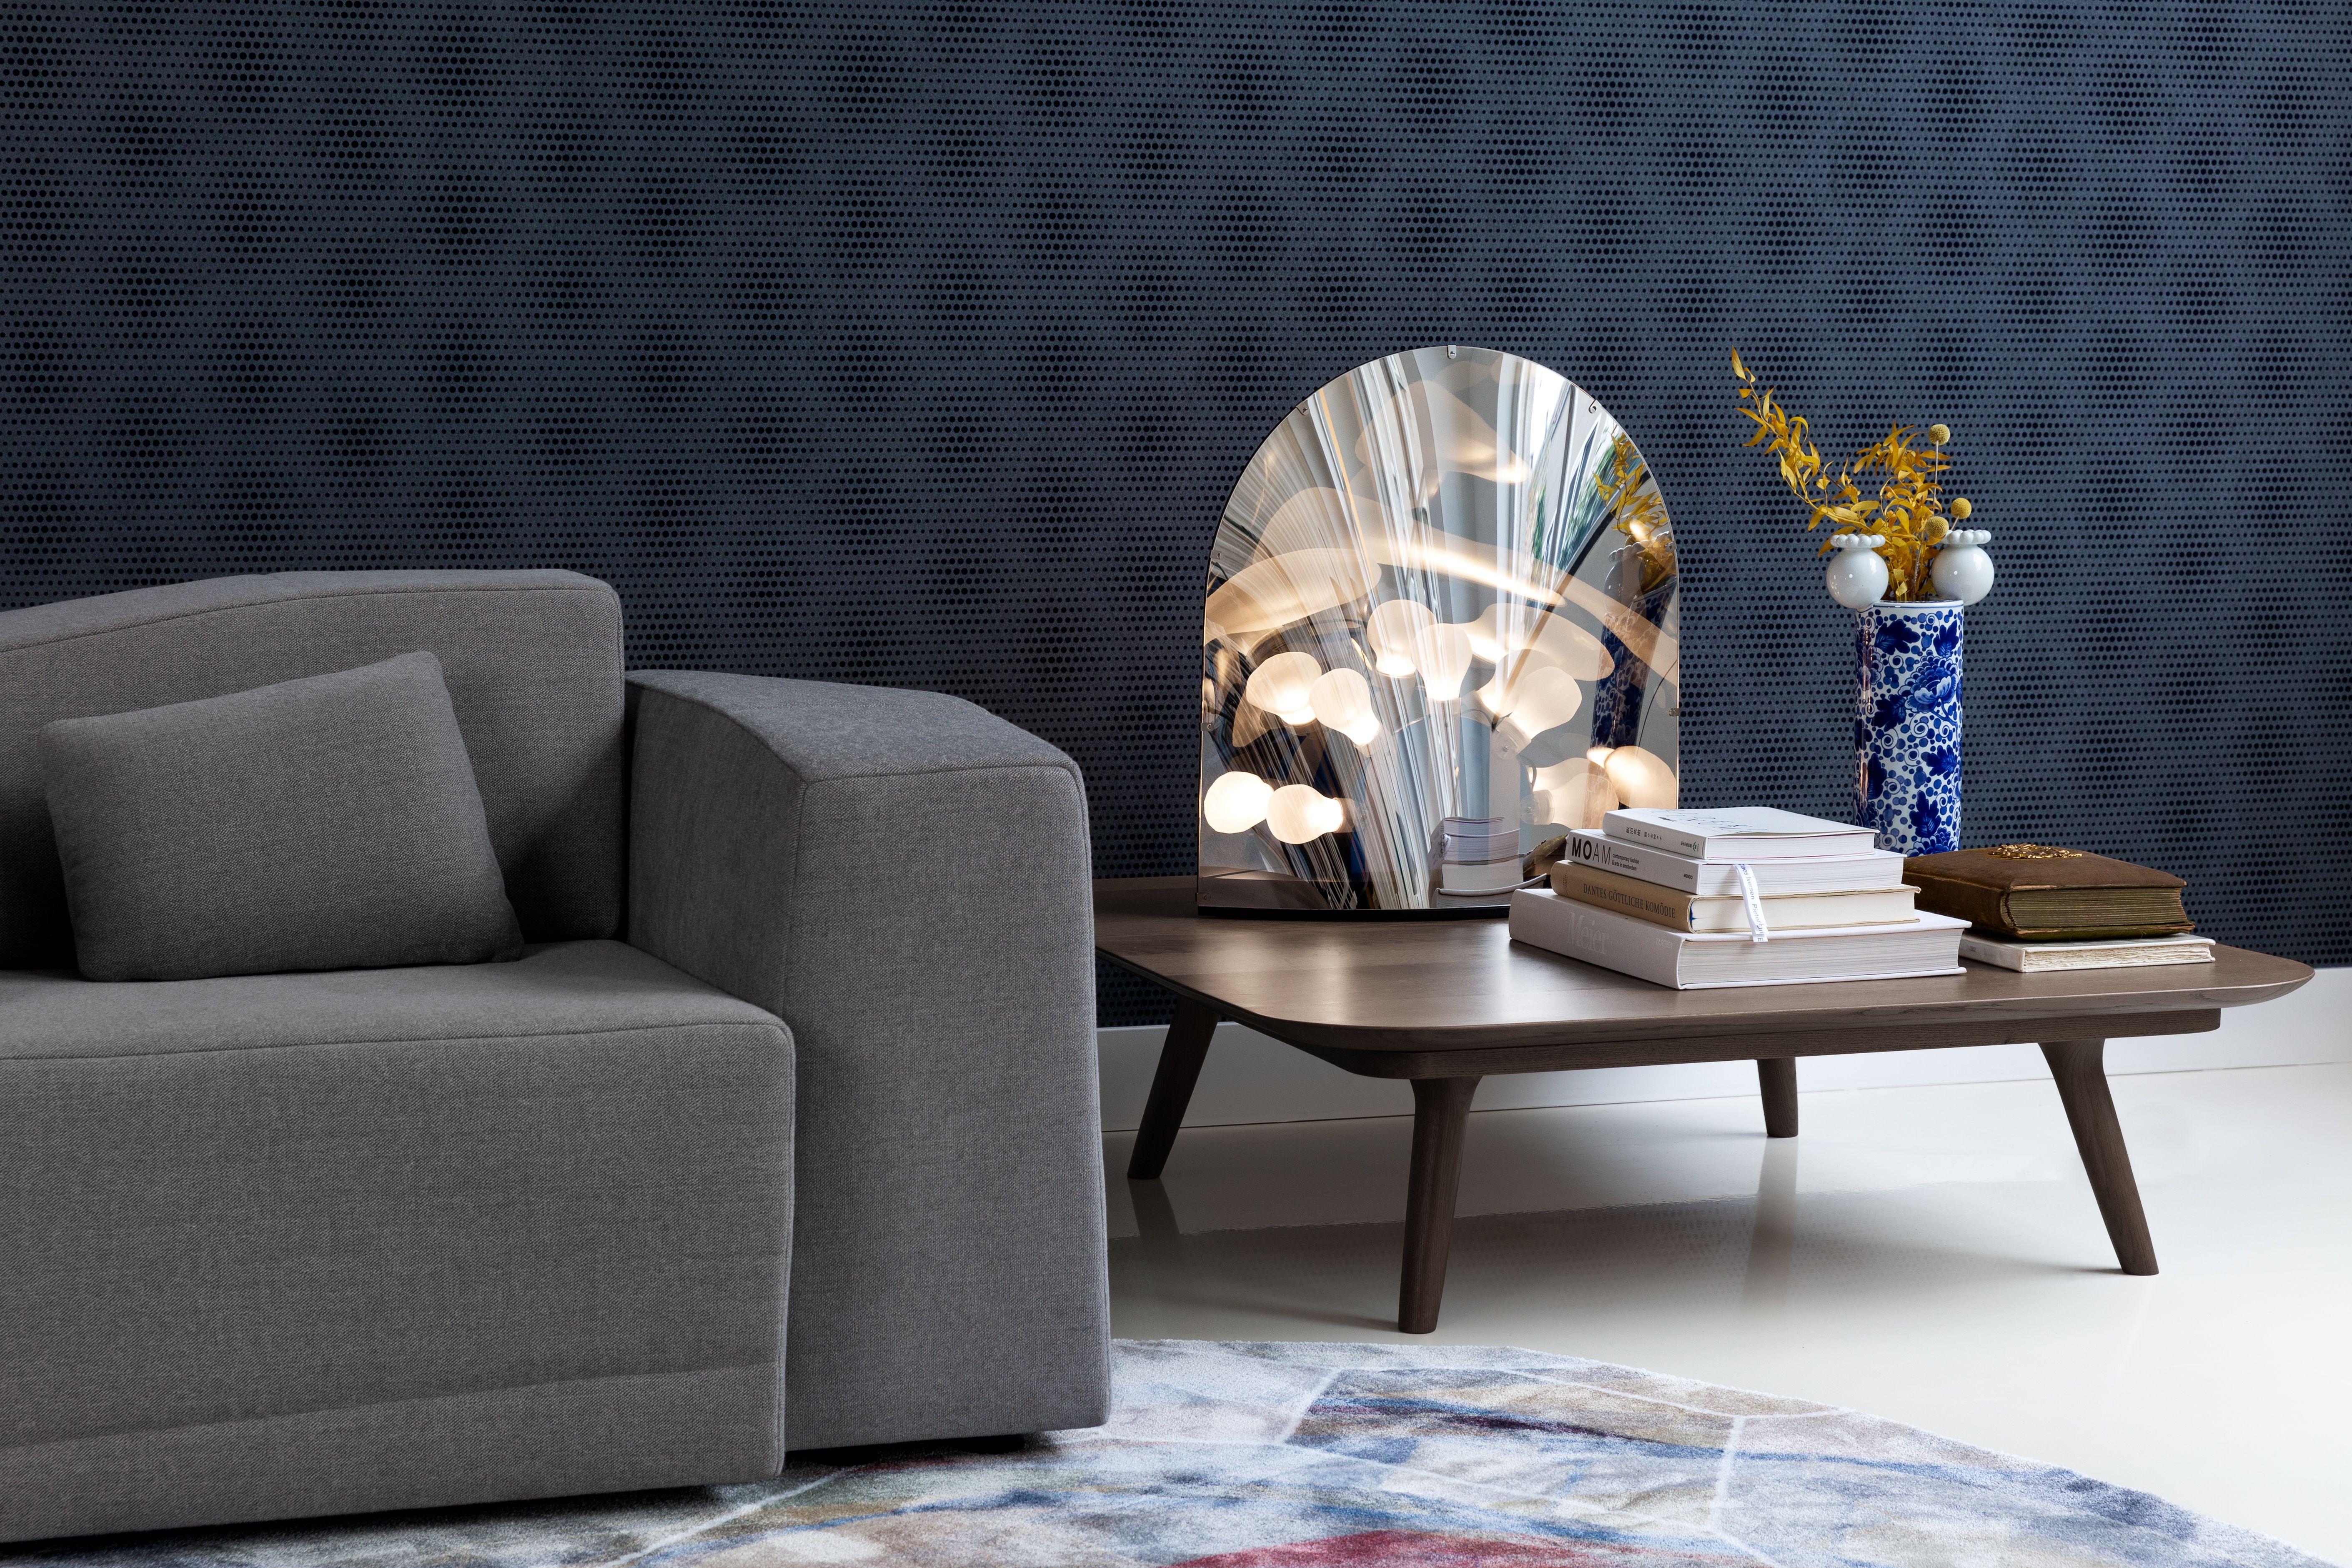 部屋で楽しむ光のスペクタクル 「スペーステーブルランプ|Space Table Lamp」発売